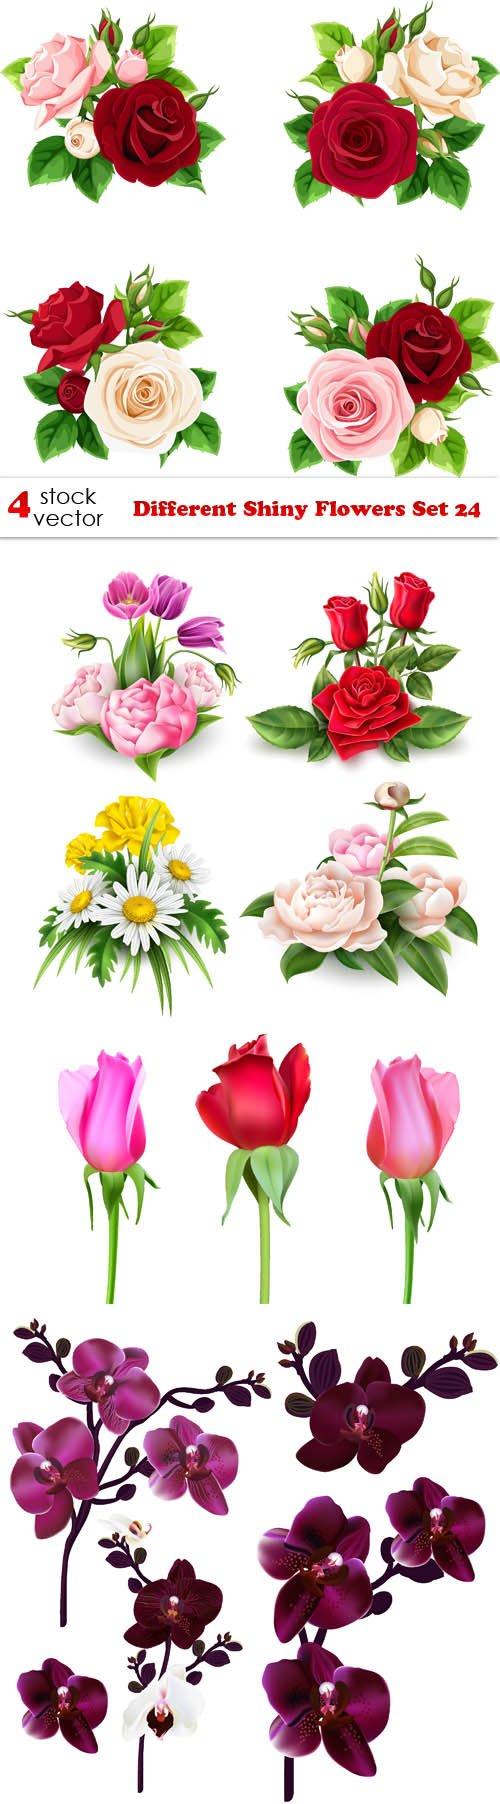 Vectors - Different Shiny Flowers Set 24